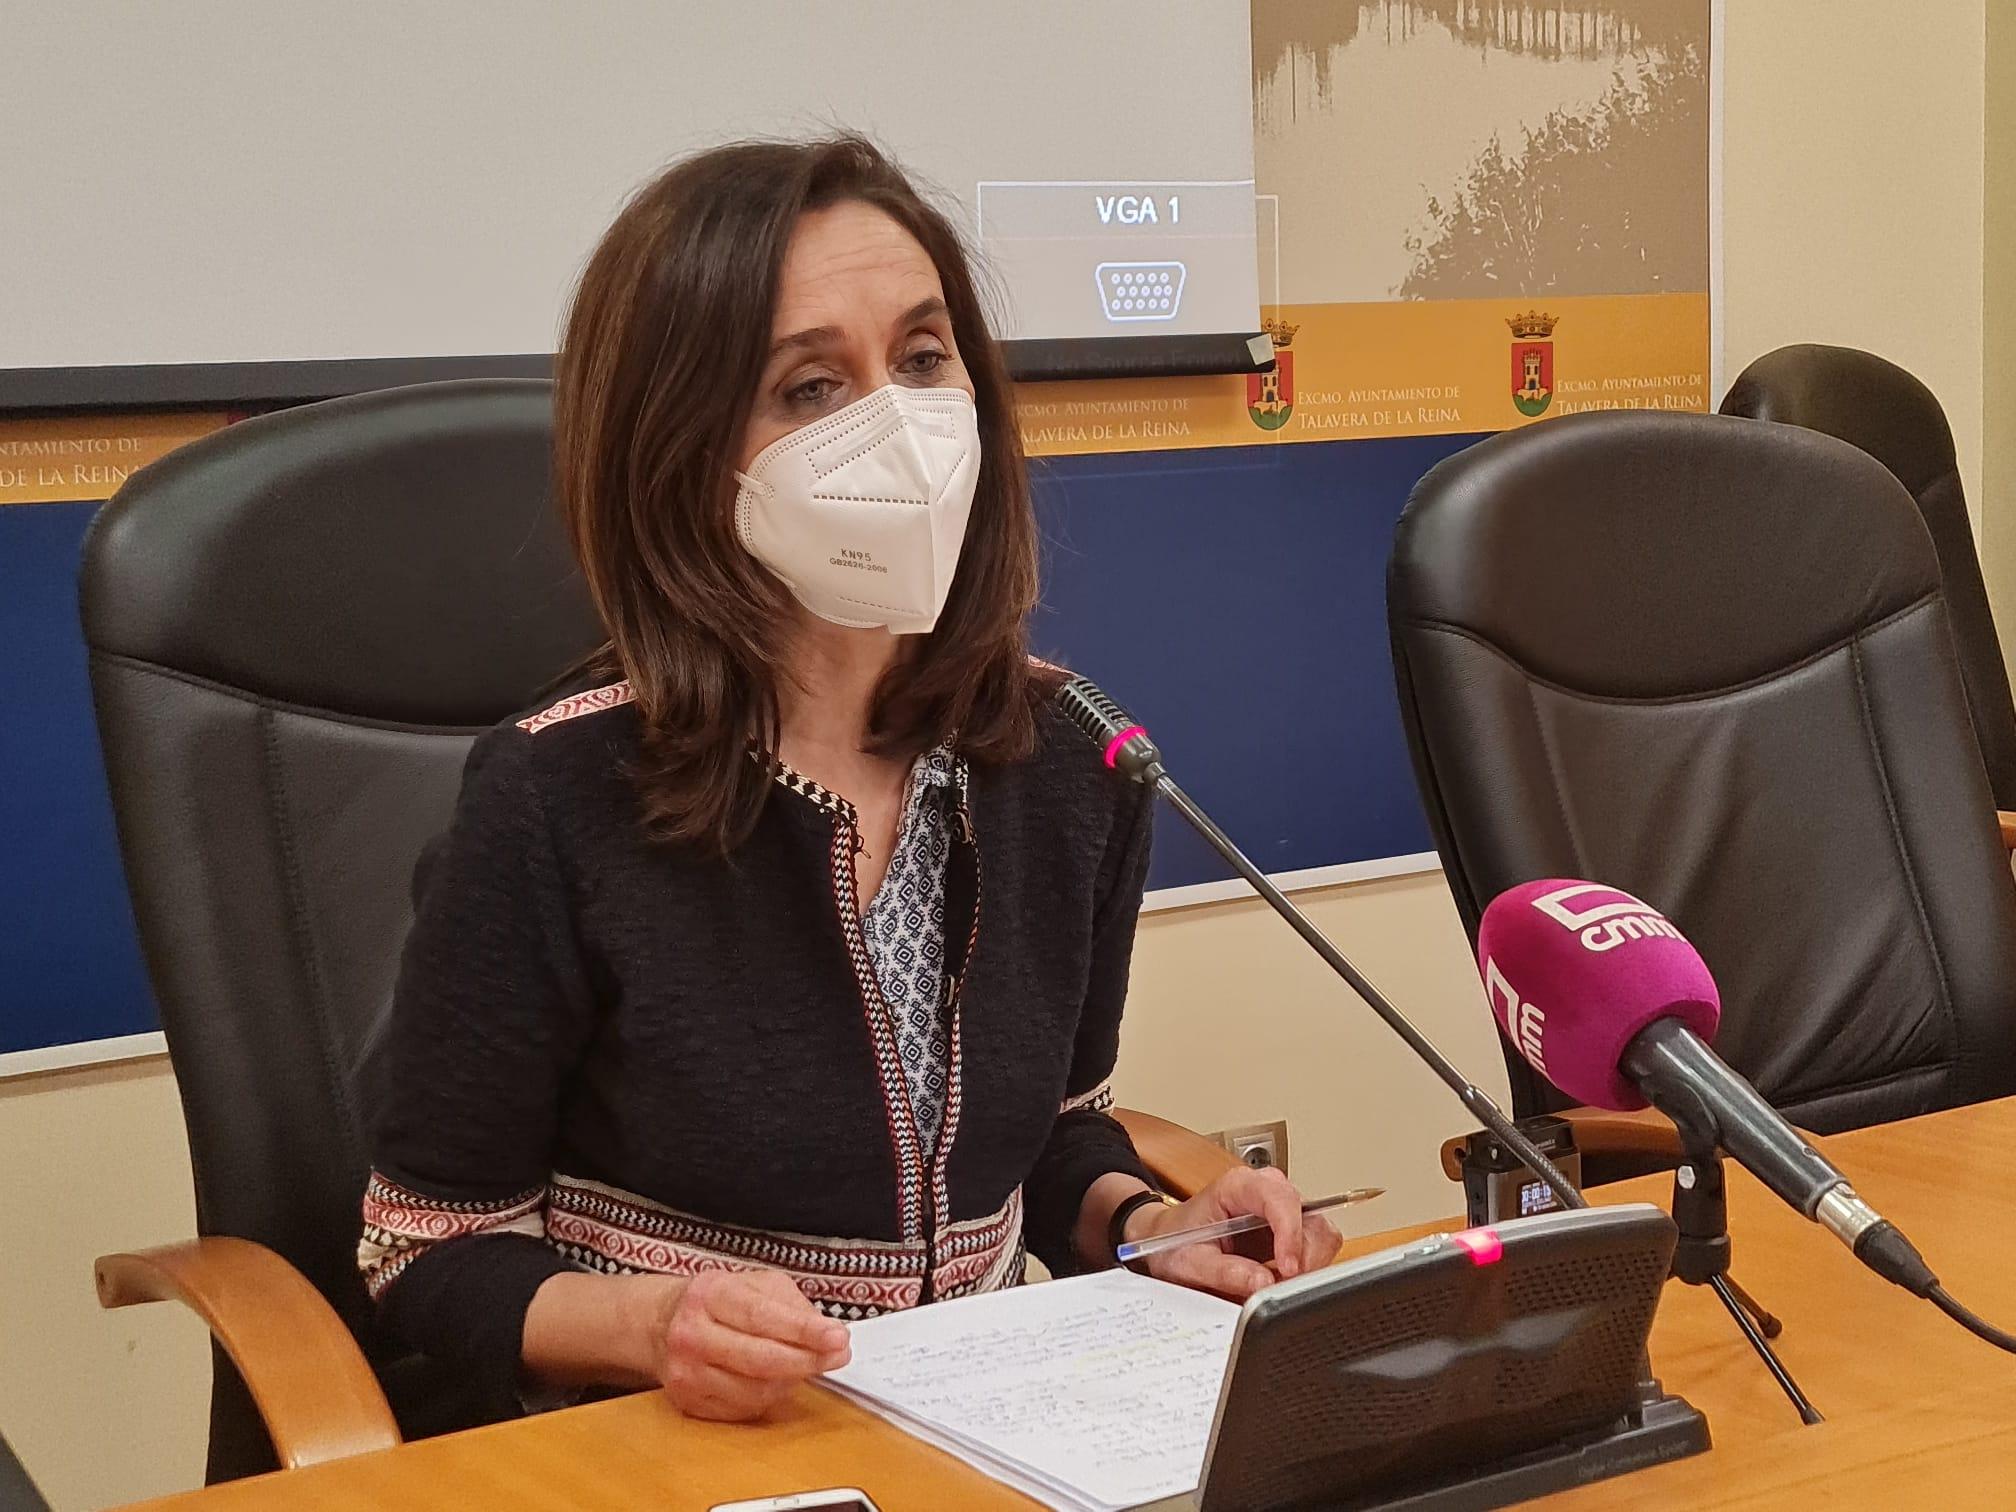 La realización de pruebas de detección del Covid-19 se amplía también a horario de tarde durante toda esta semana en Talavera Ferial debido al aumento de los casos